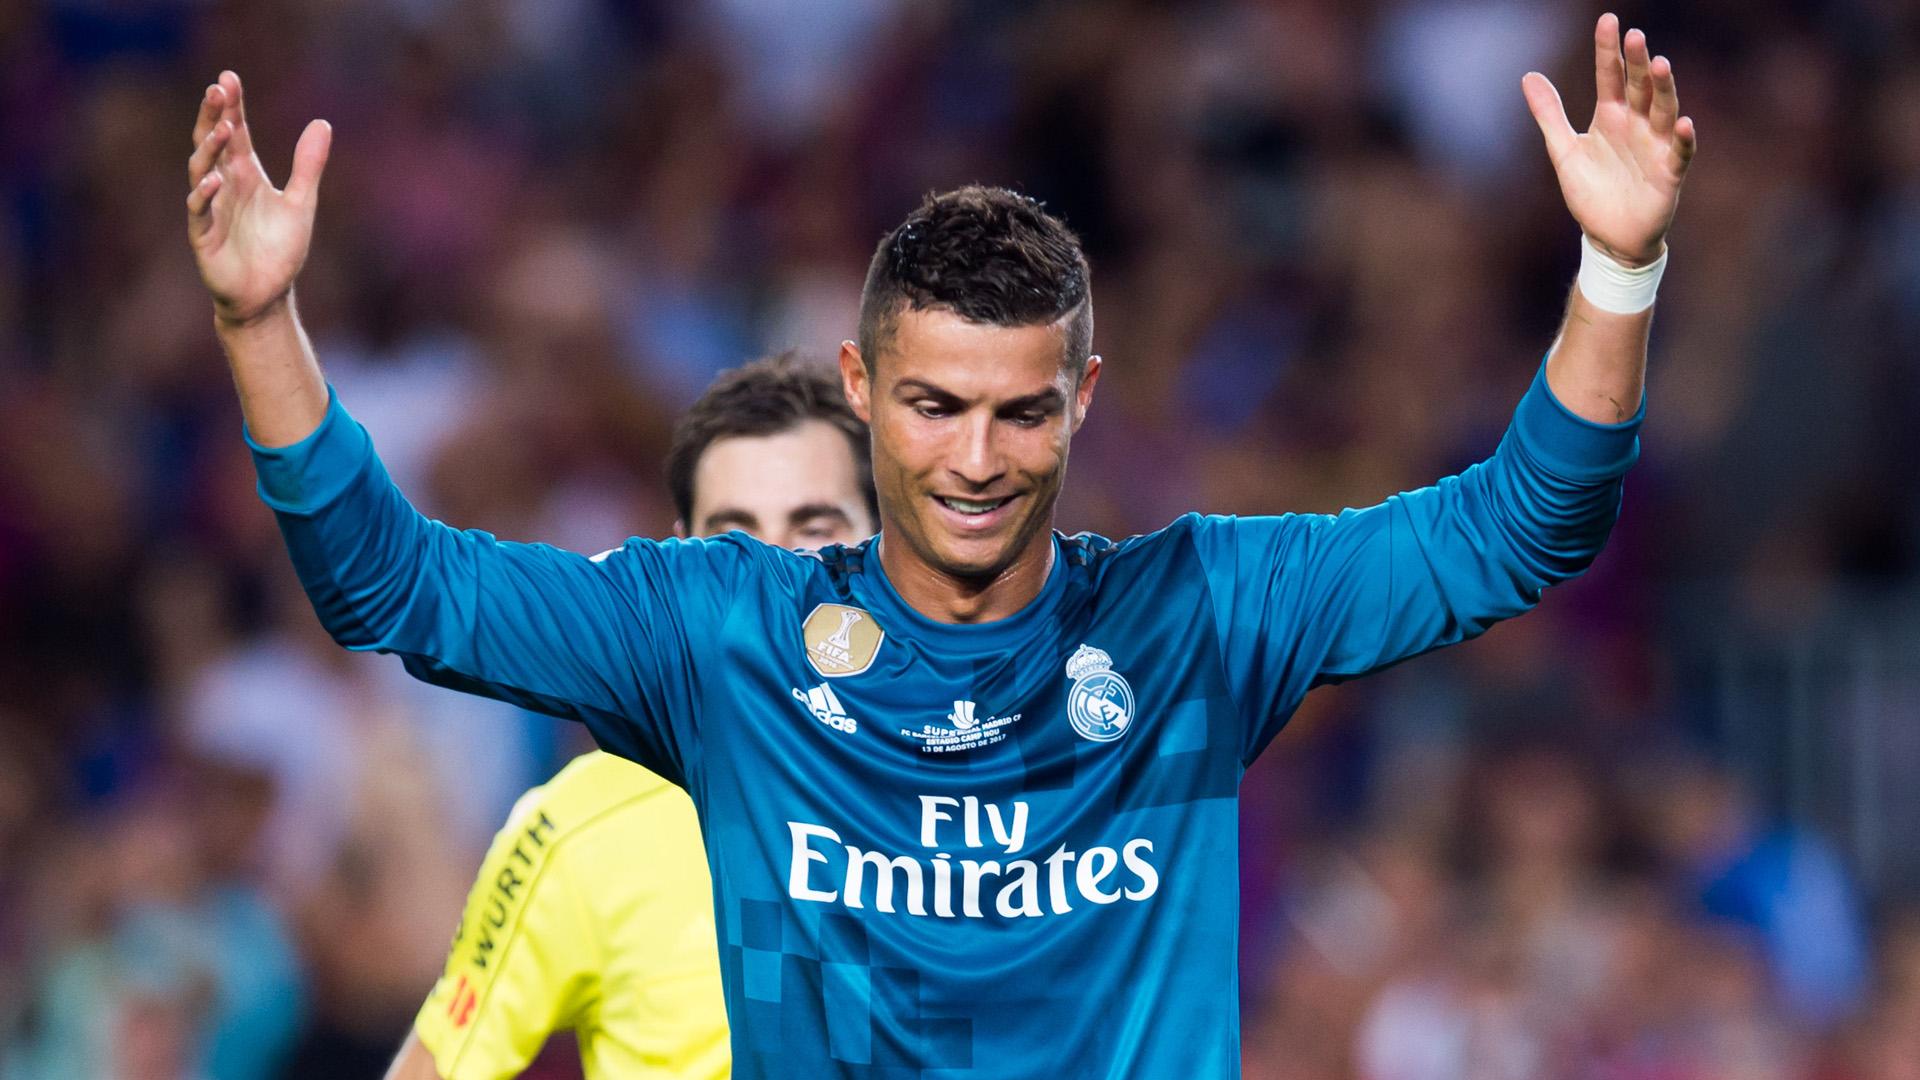 بالصور خلفيات كرستيانو رونالدو 2019 , اشهر لعيبه كره القدم البرتغالي 2051 9